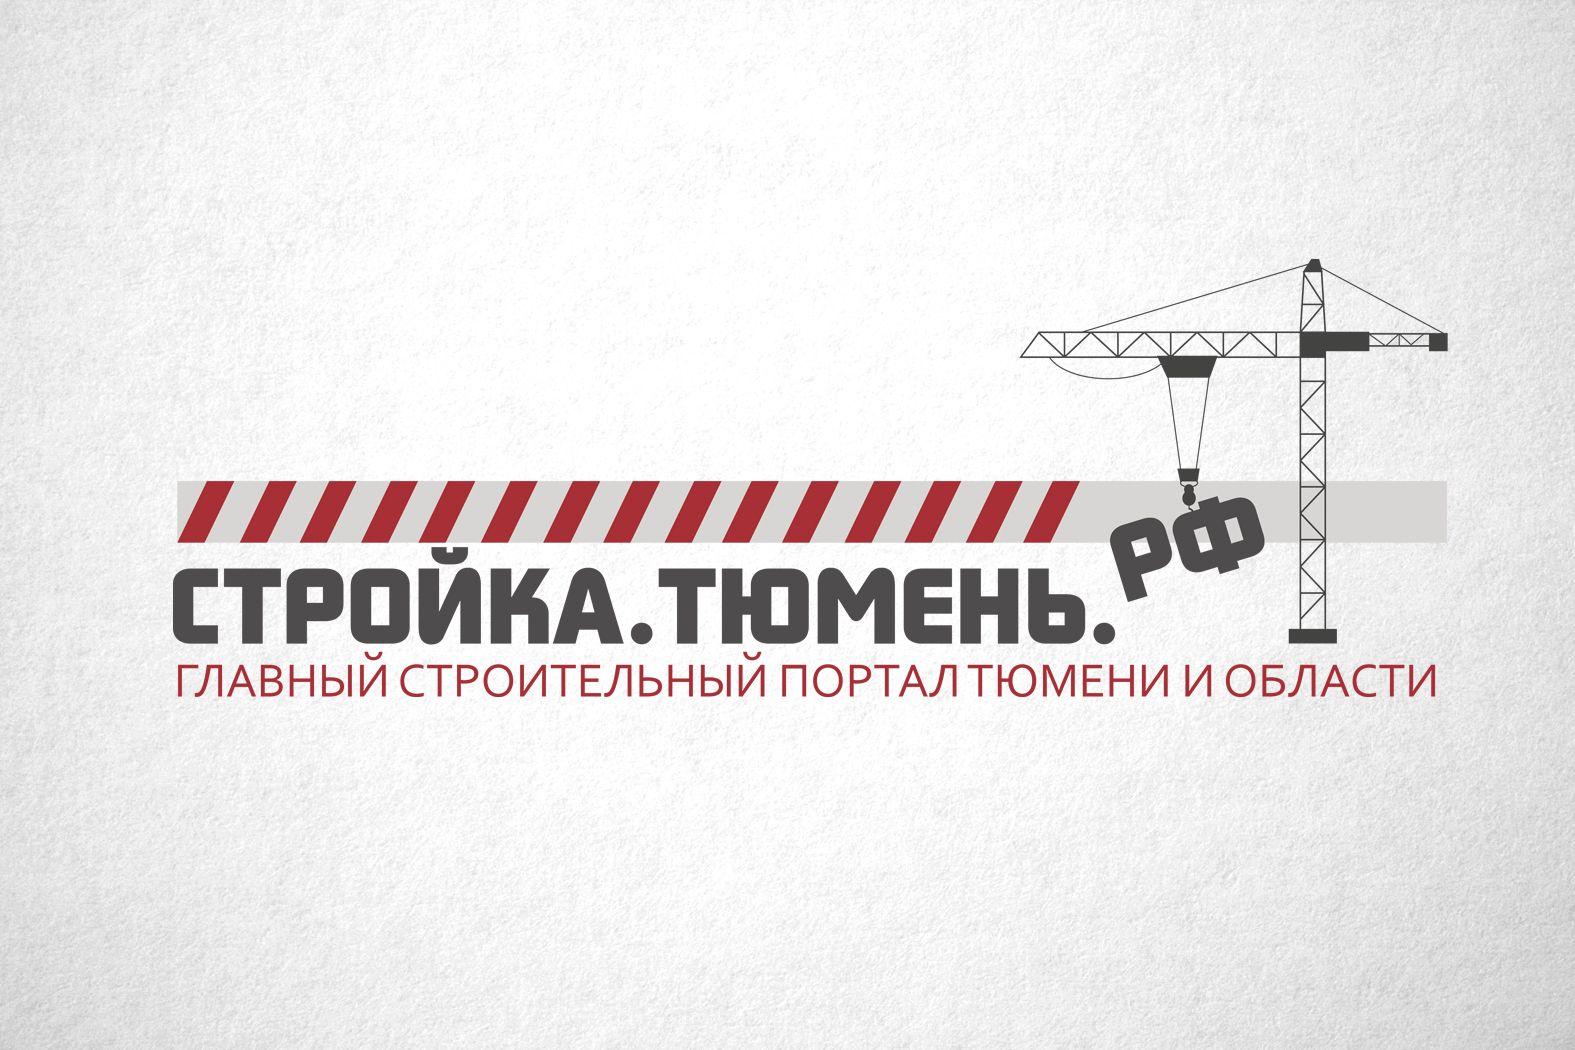 Логотип для строительного портала - дизайнер funkielevis